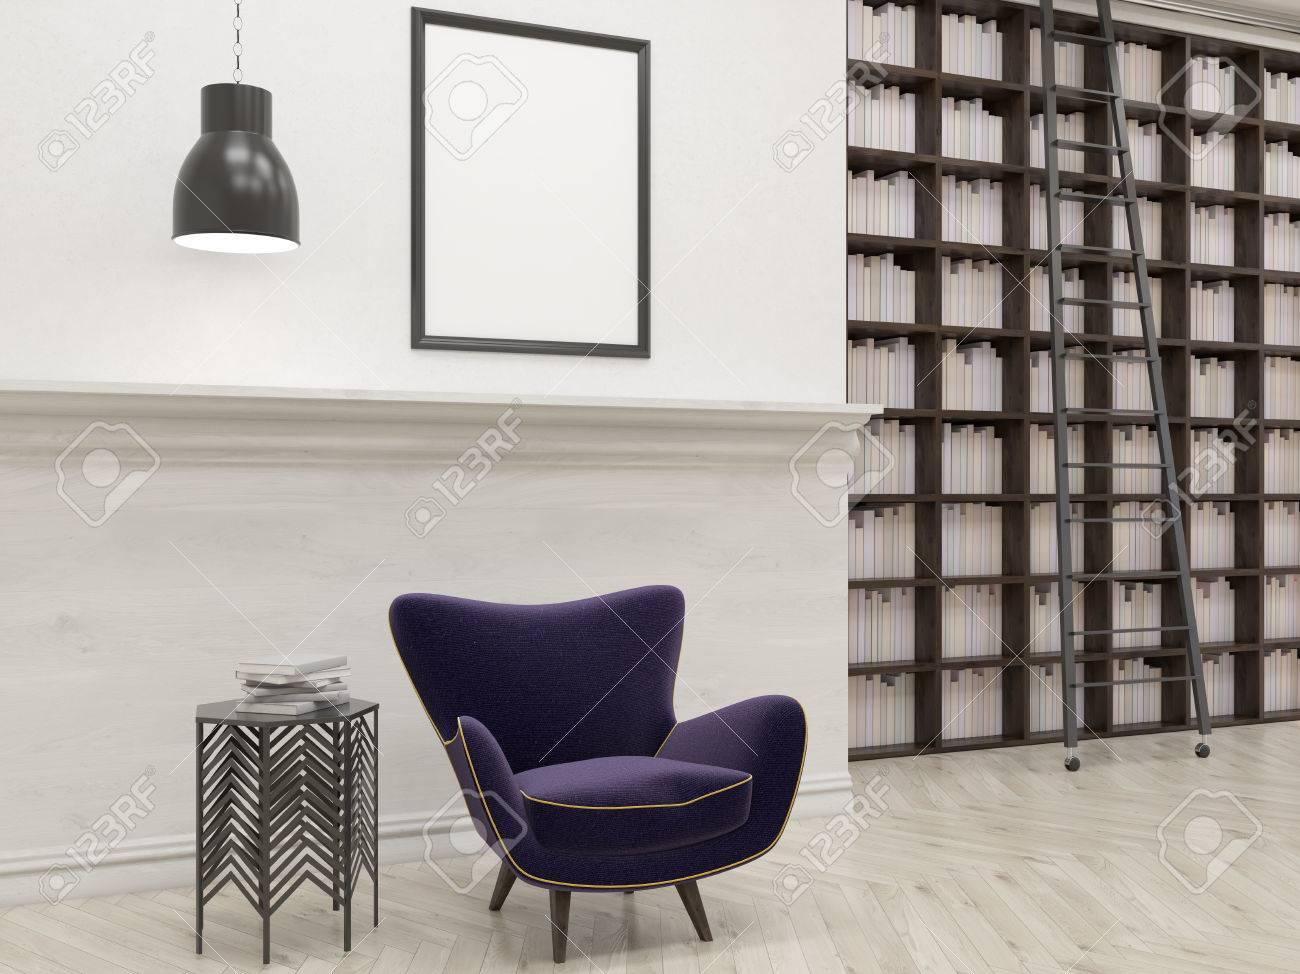 Bibliotheque De La Maison Hautes Etageres Echelle Table Basse Fauteuil Pourpre Encadree Image Sur Le Mur Blanc Parquet Concept De La Lecture Et